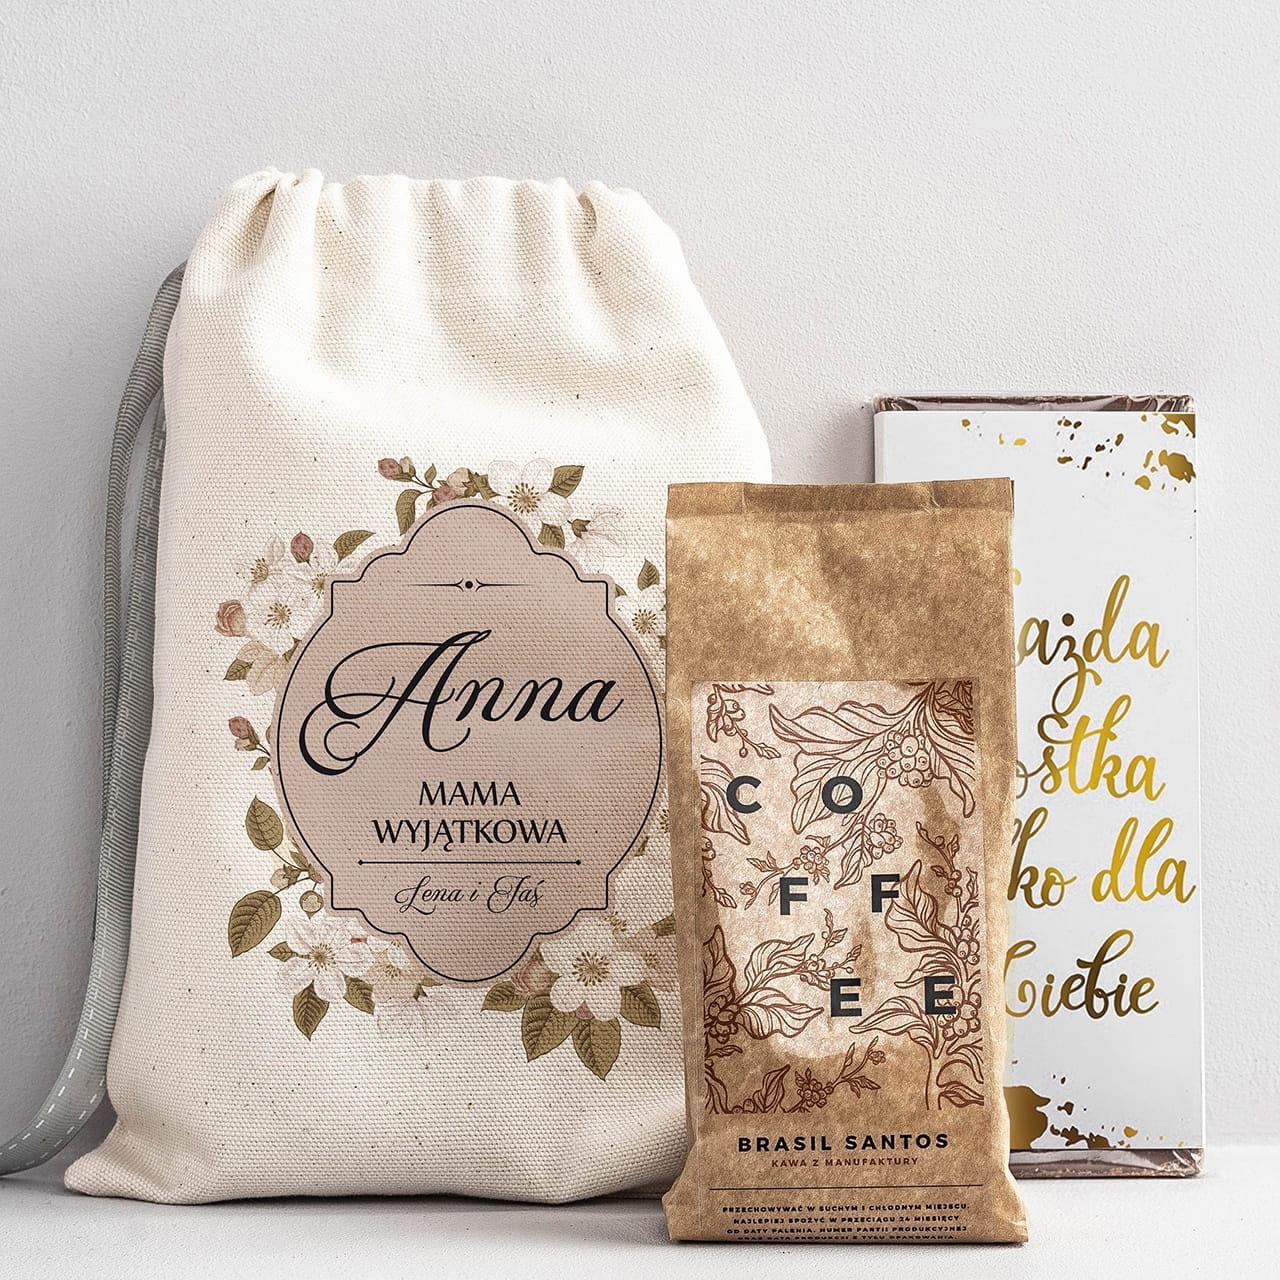 Kawa i czekolada w woreczku z dedykacją